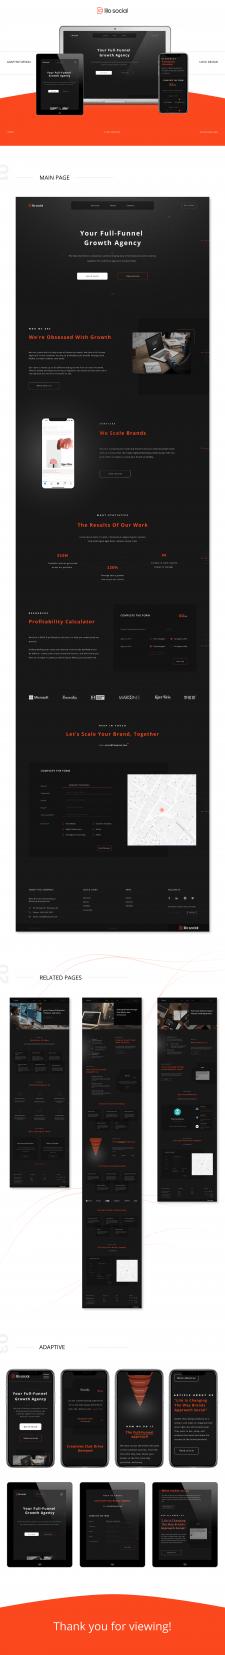 Адаптивный дизайн сайта для LILO SOCIAL